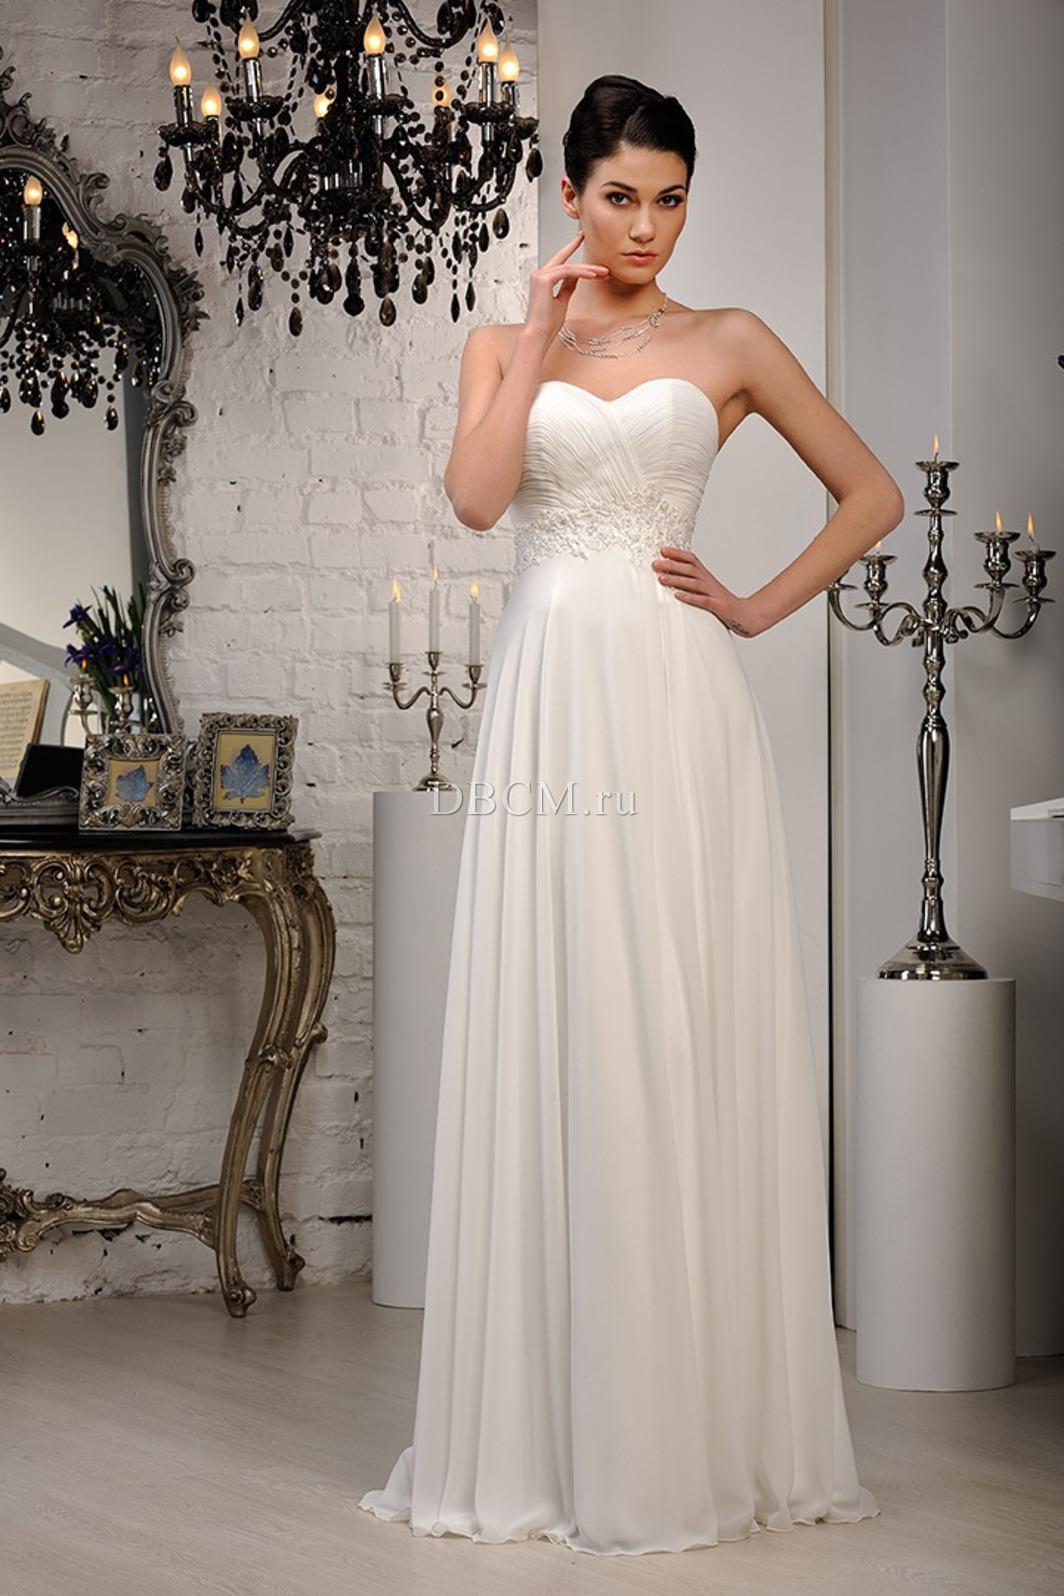 Фото свадебных узких платьев